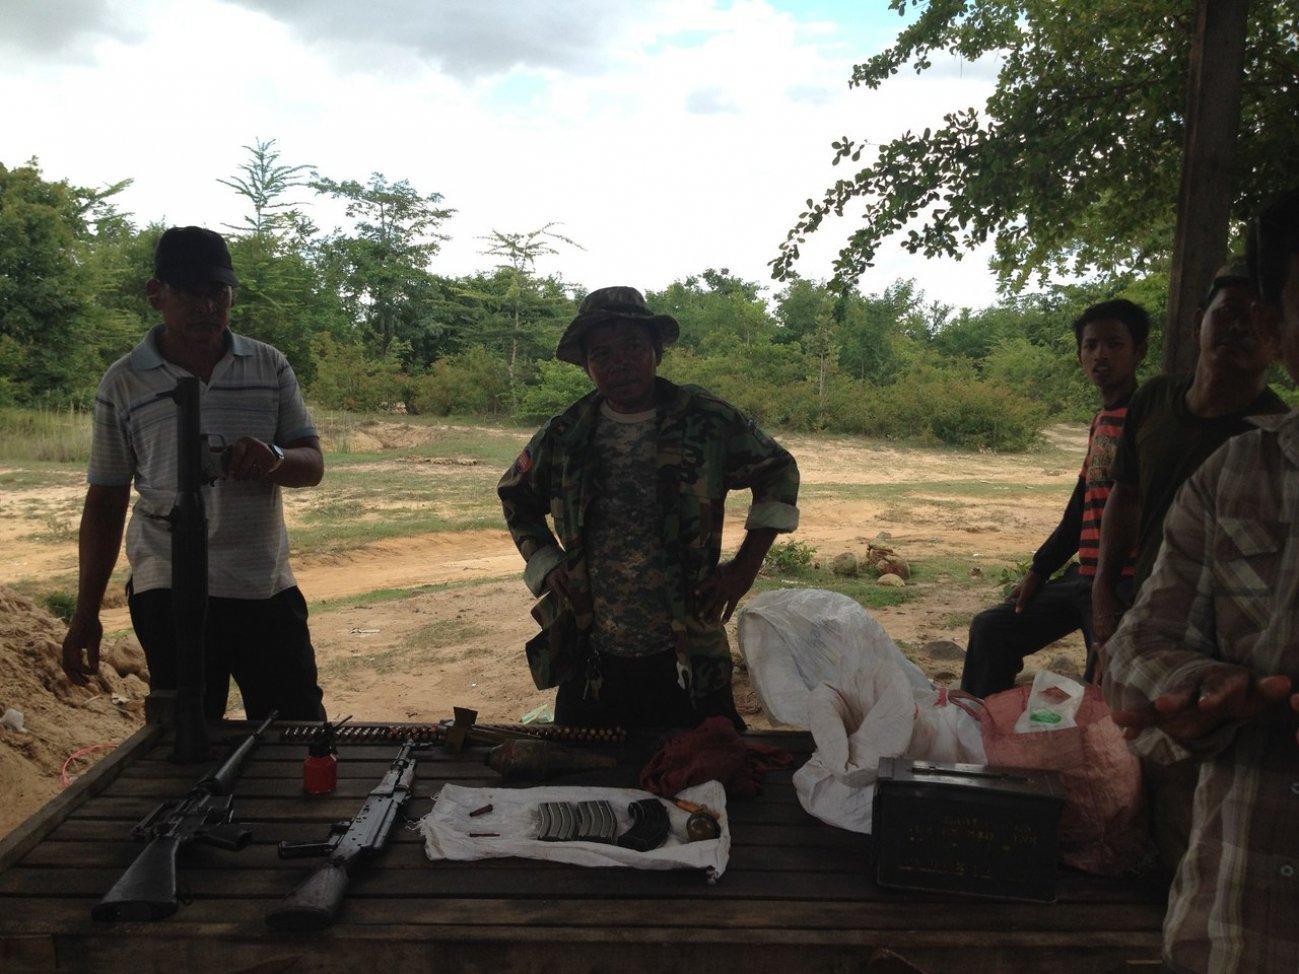 Камбоджийцы торгуют оружием и сдают его на прокат